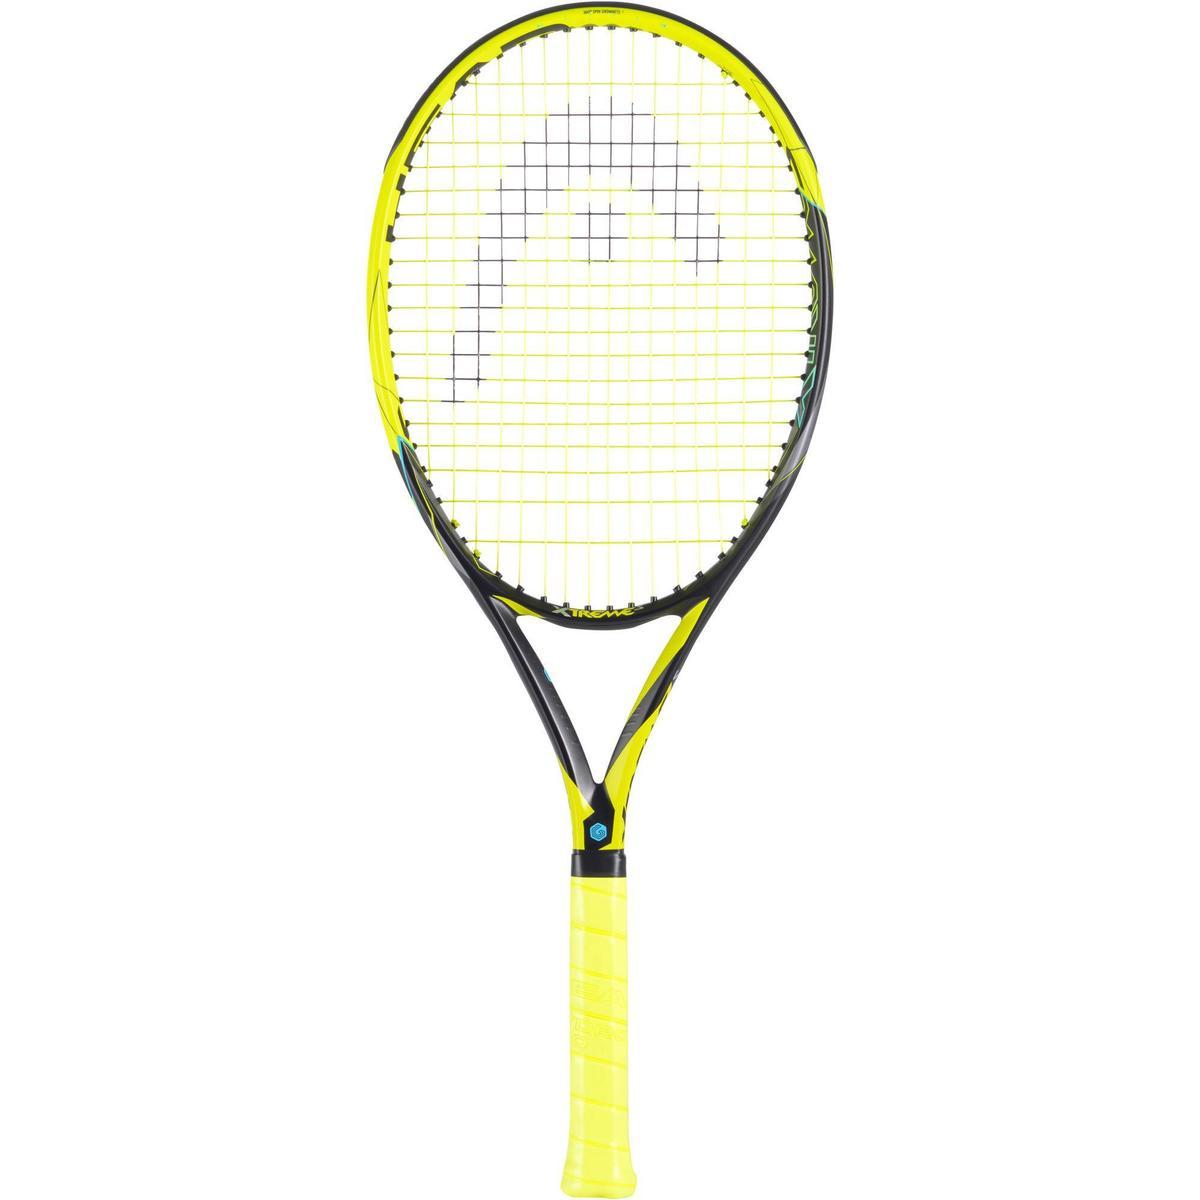 Bild 1 von Tennisschläger Extrem S besaitet schwarz/gelb